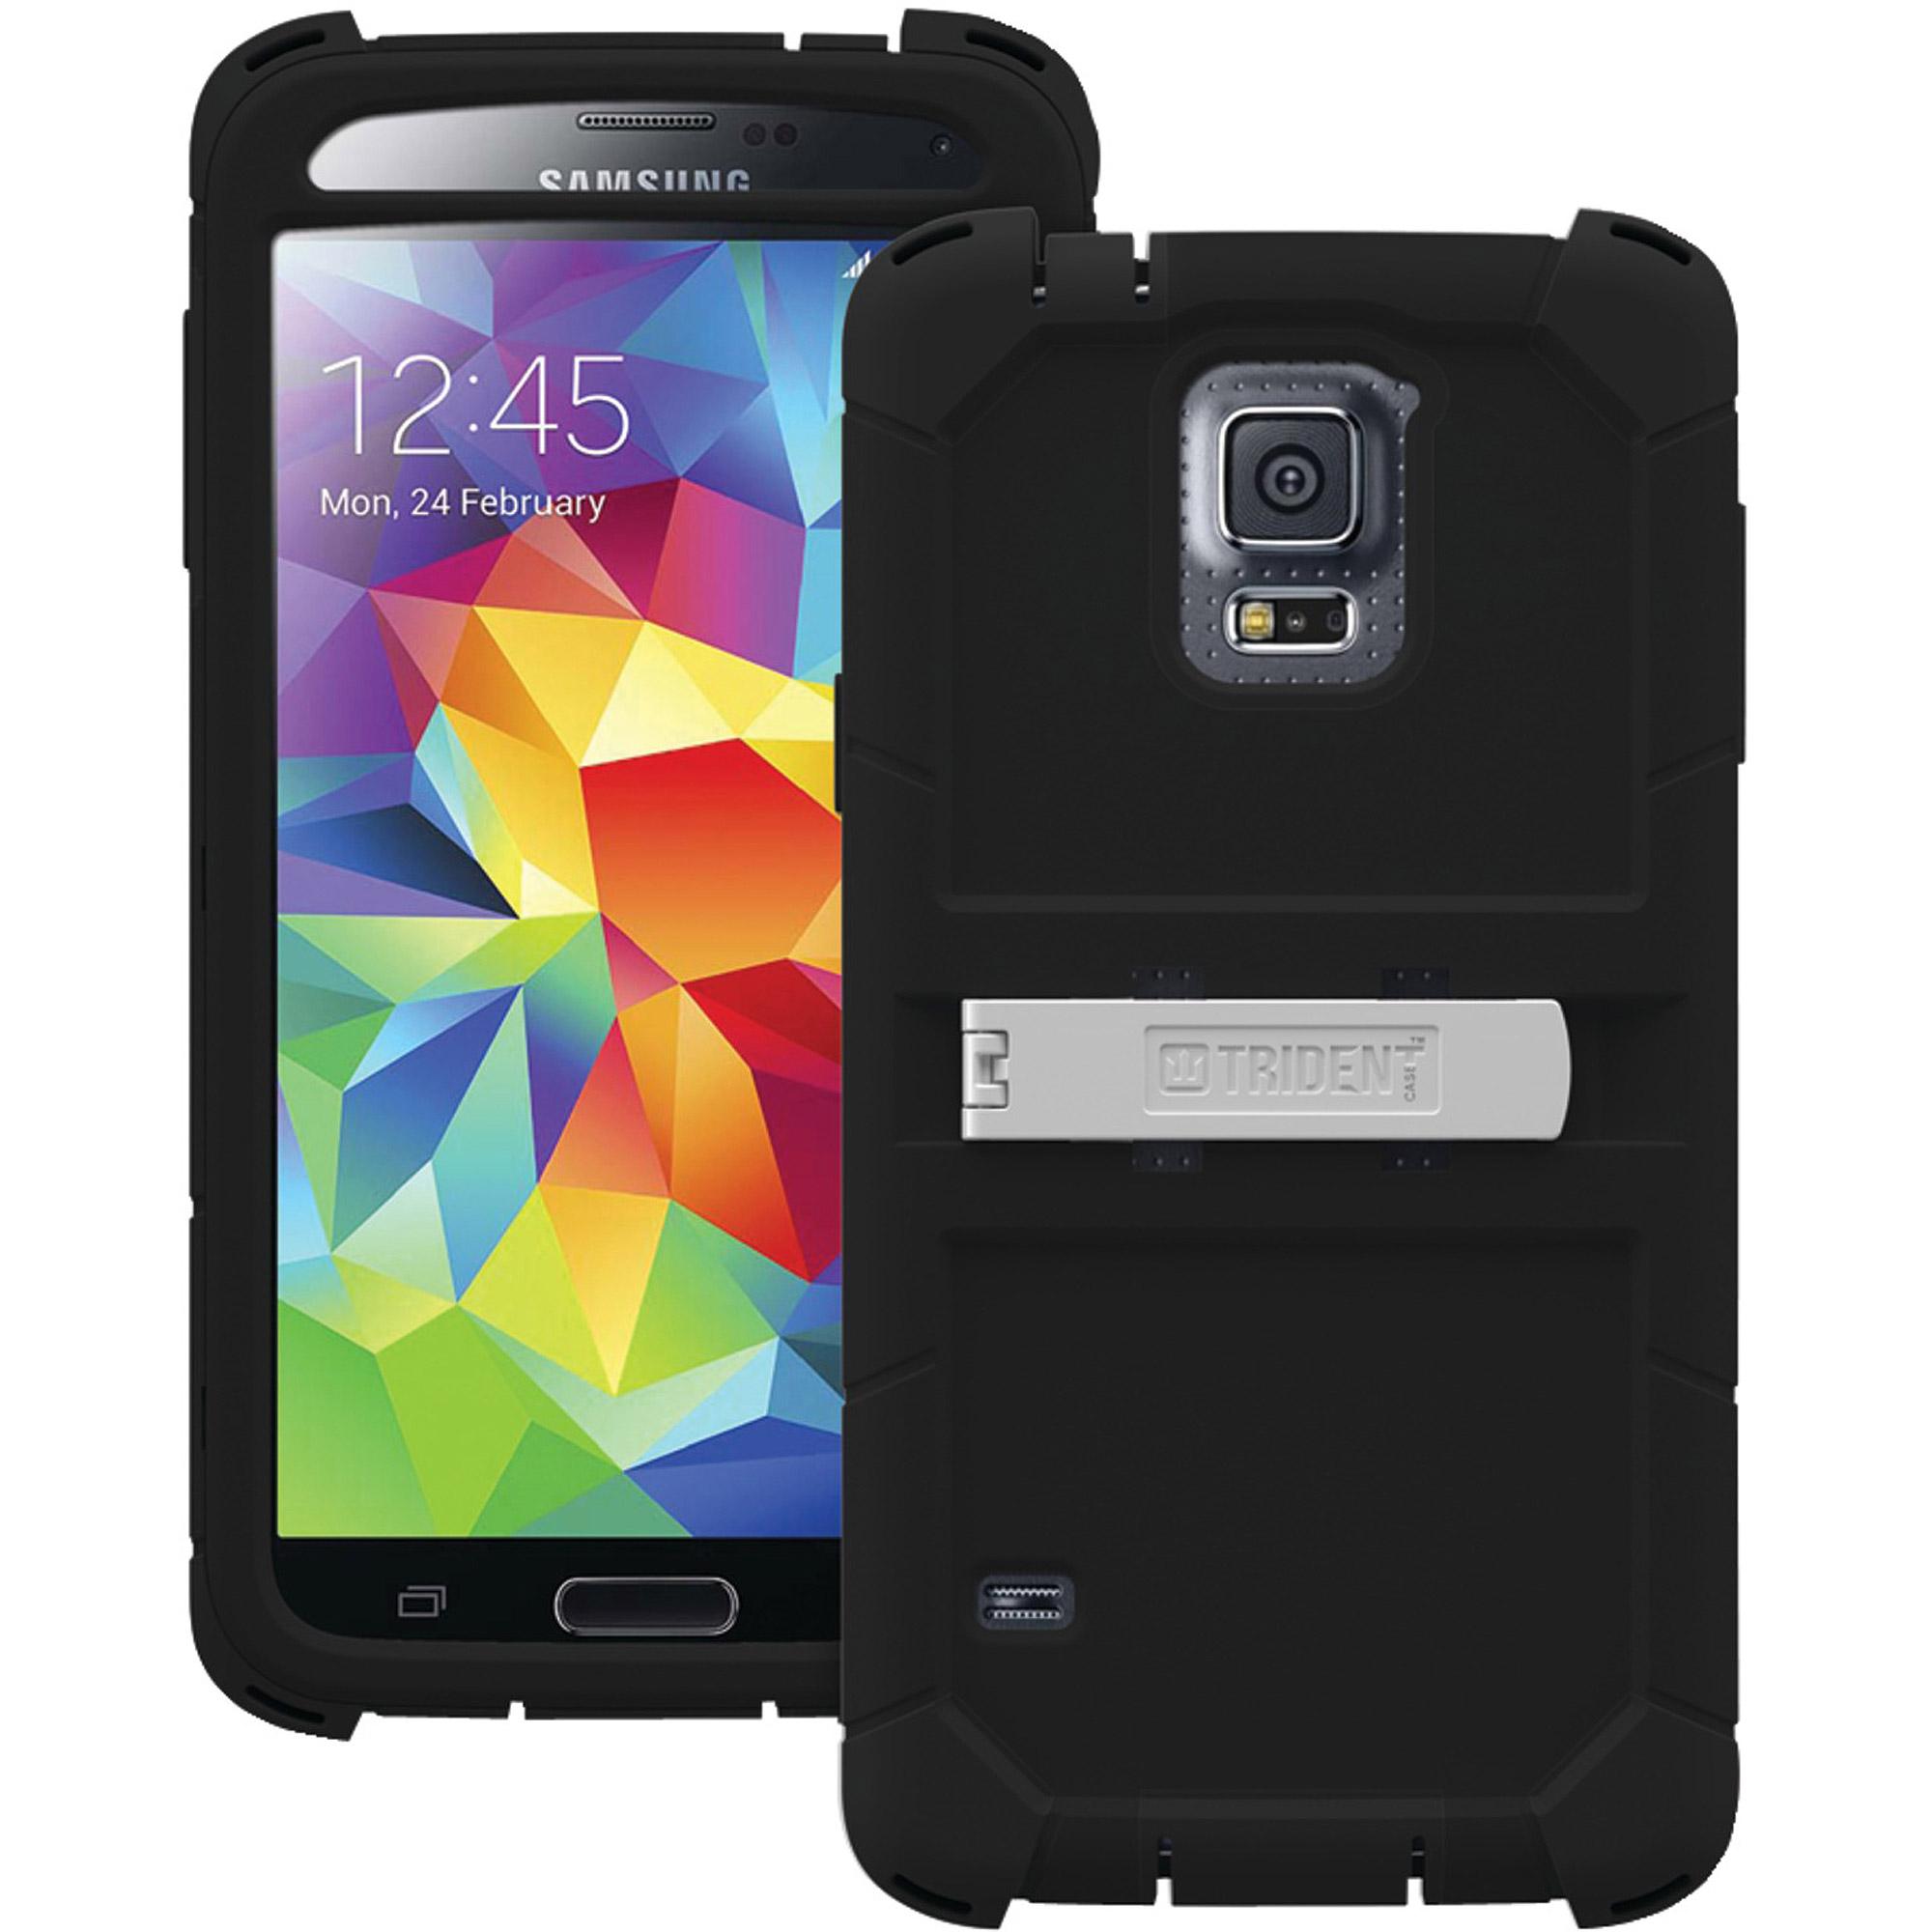 Trident Samsung Galaxy S5 Kraken AMS Series Case